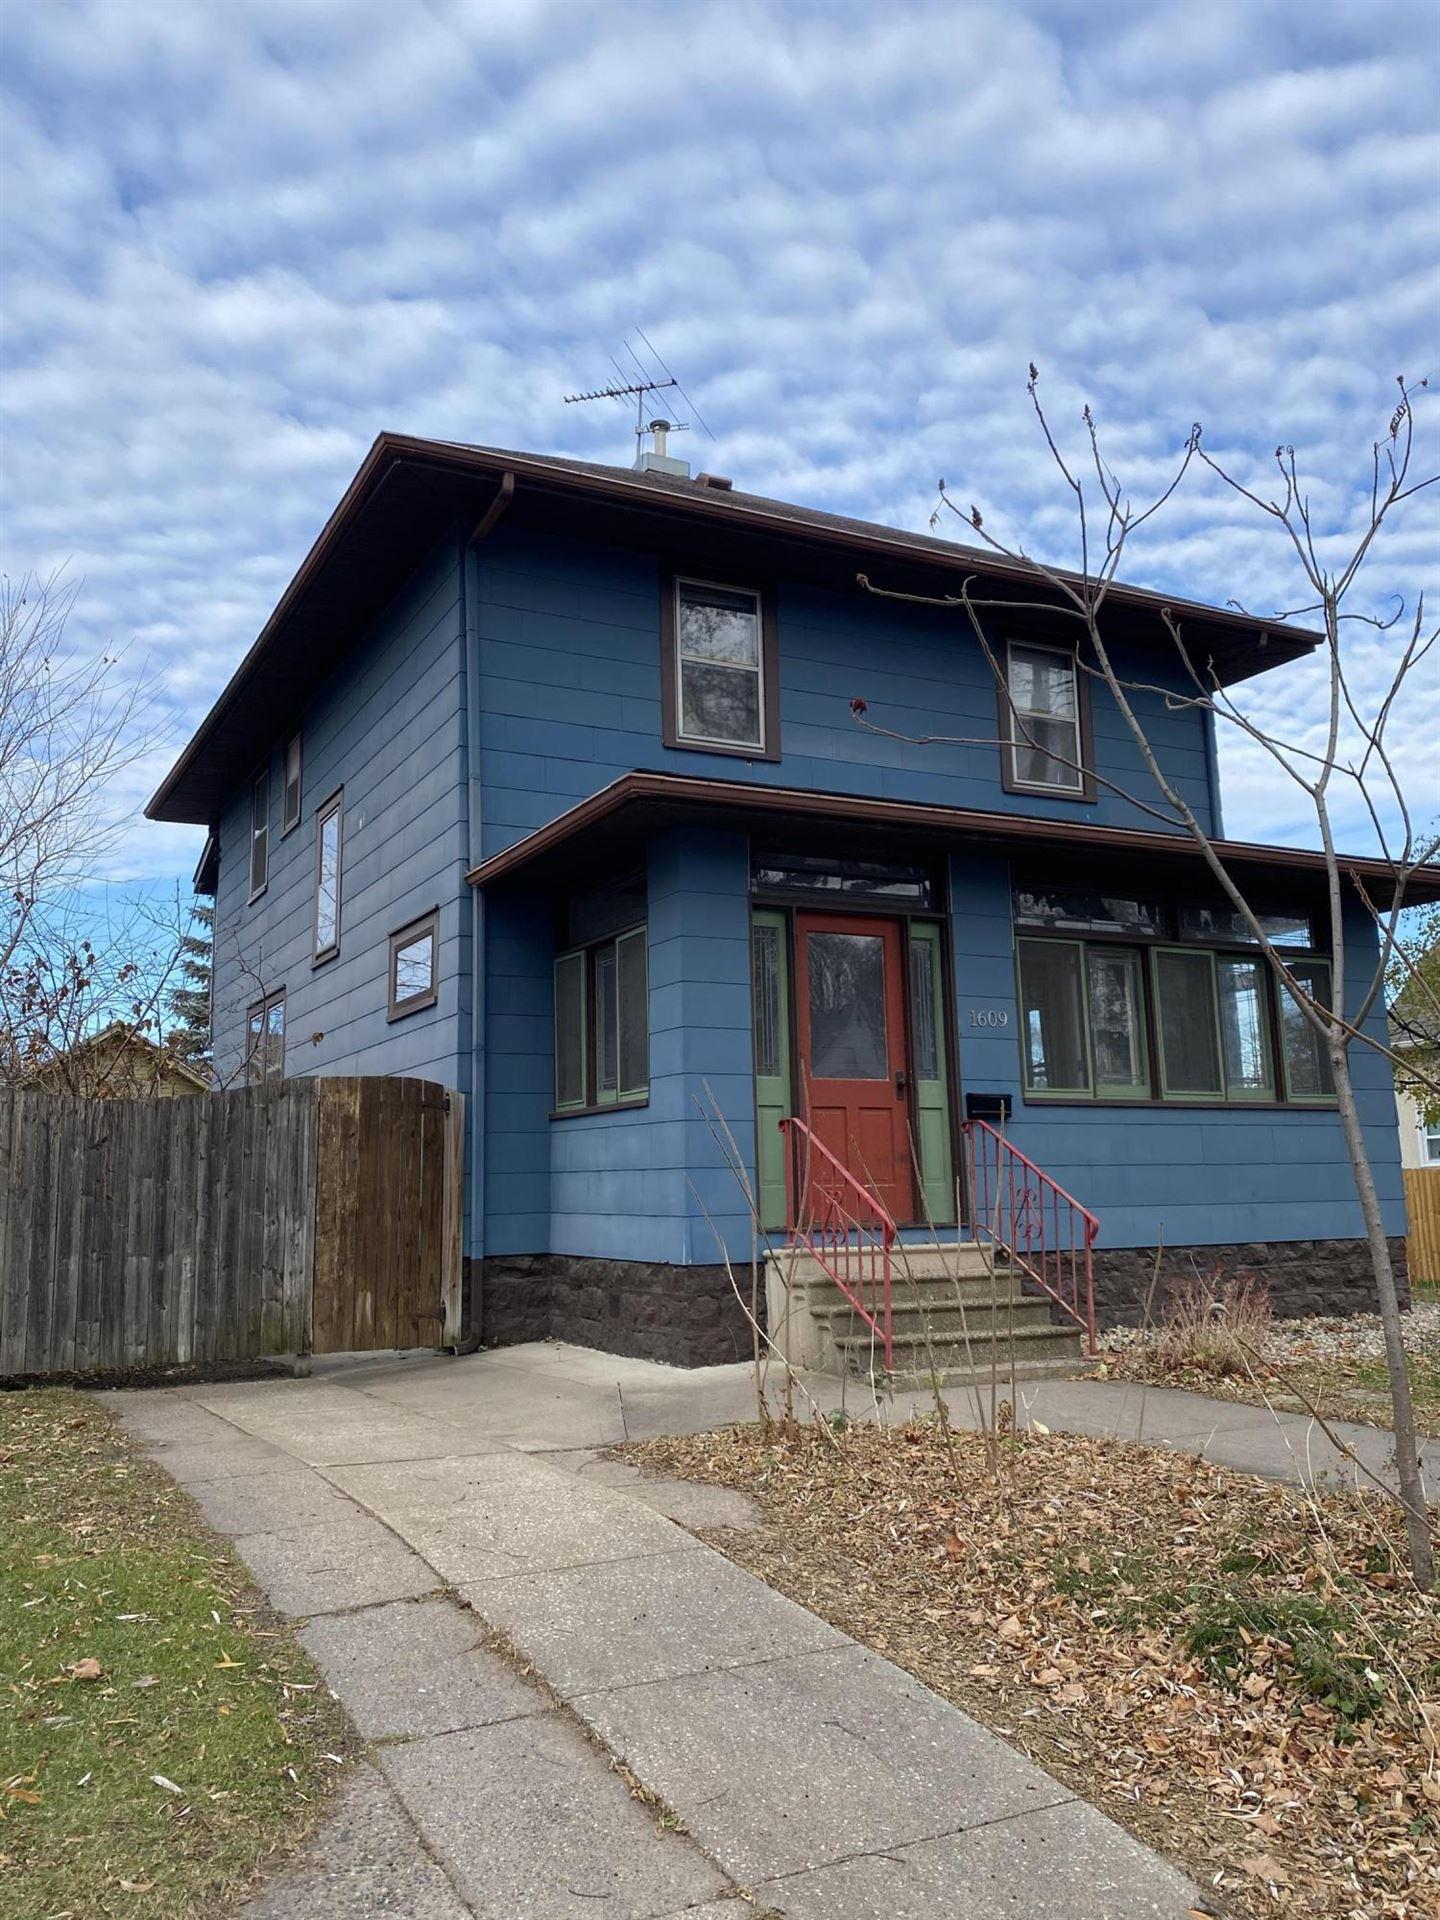 1609 Mississippi St, La Crosse, WI 54601 - MLS#: 1719152